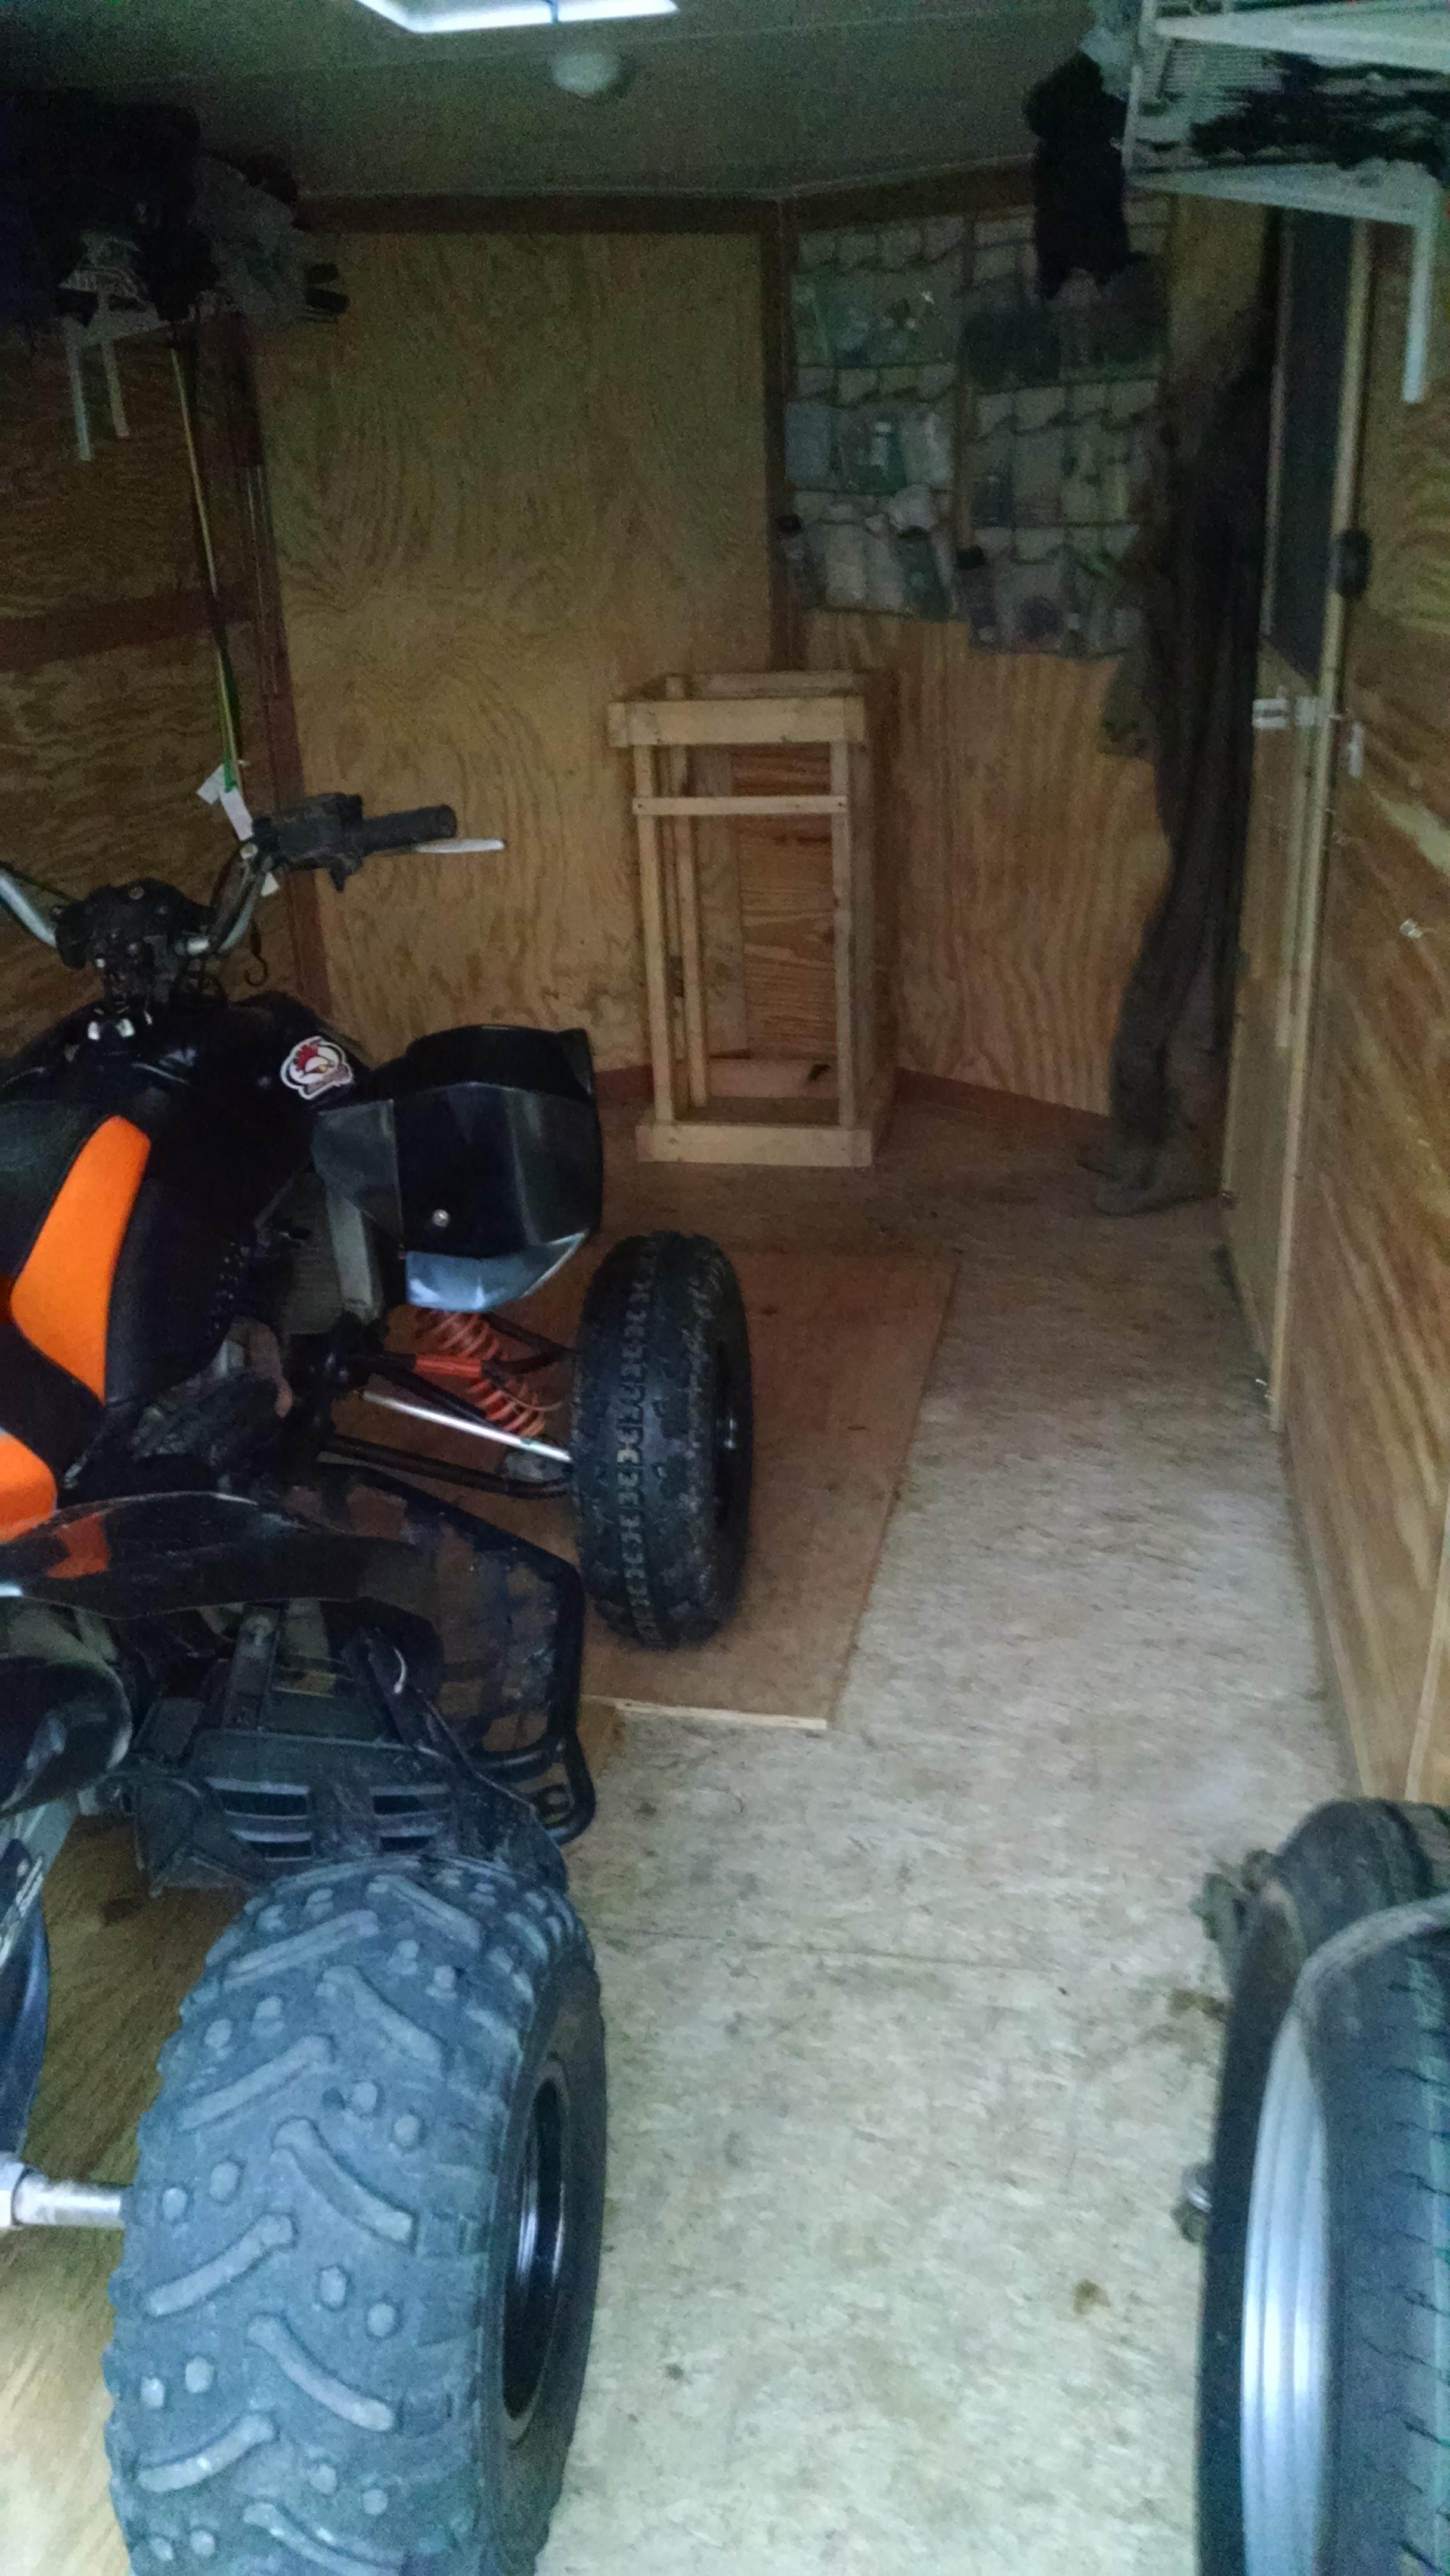 2015 Polaris Rzr >> Enclosed trailer/toy hauler build - Polaris ATV Forum